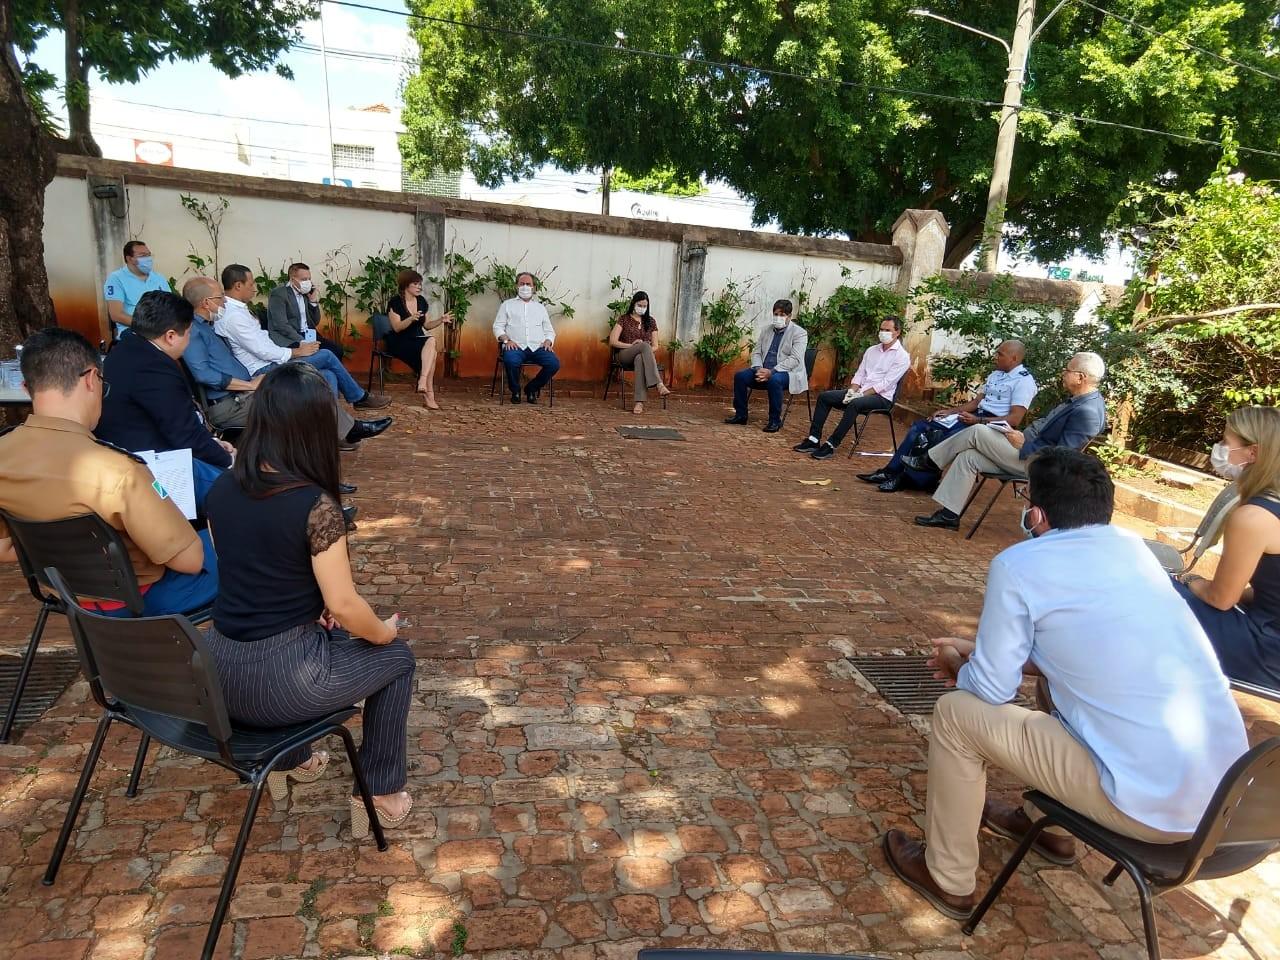 Prefeitura de Campo Grande pede ajuda às Forças Armadas para evitar proliferação do coronavírus